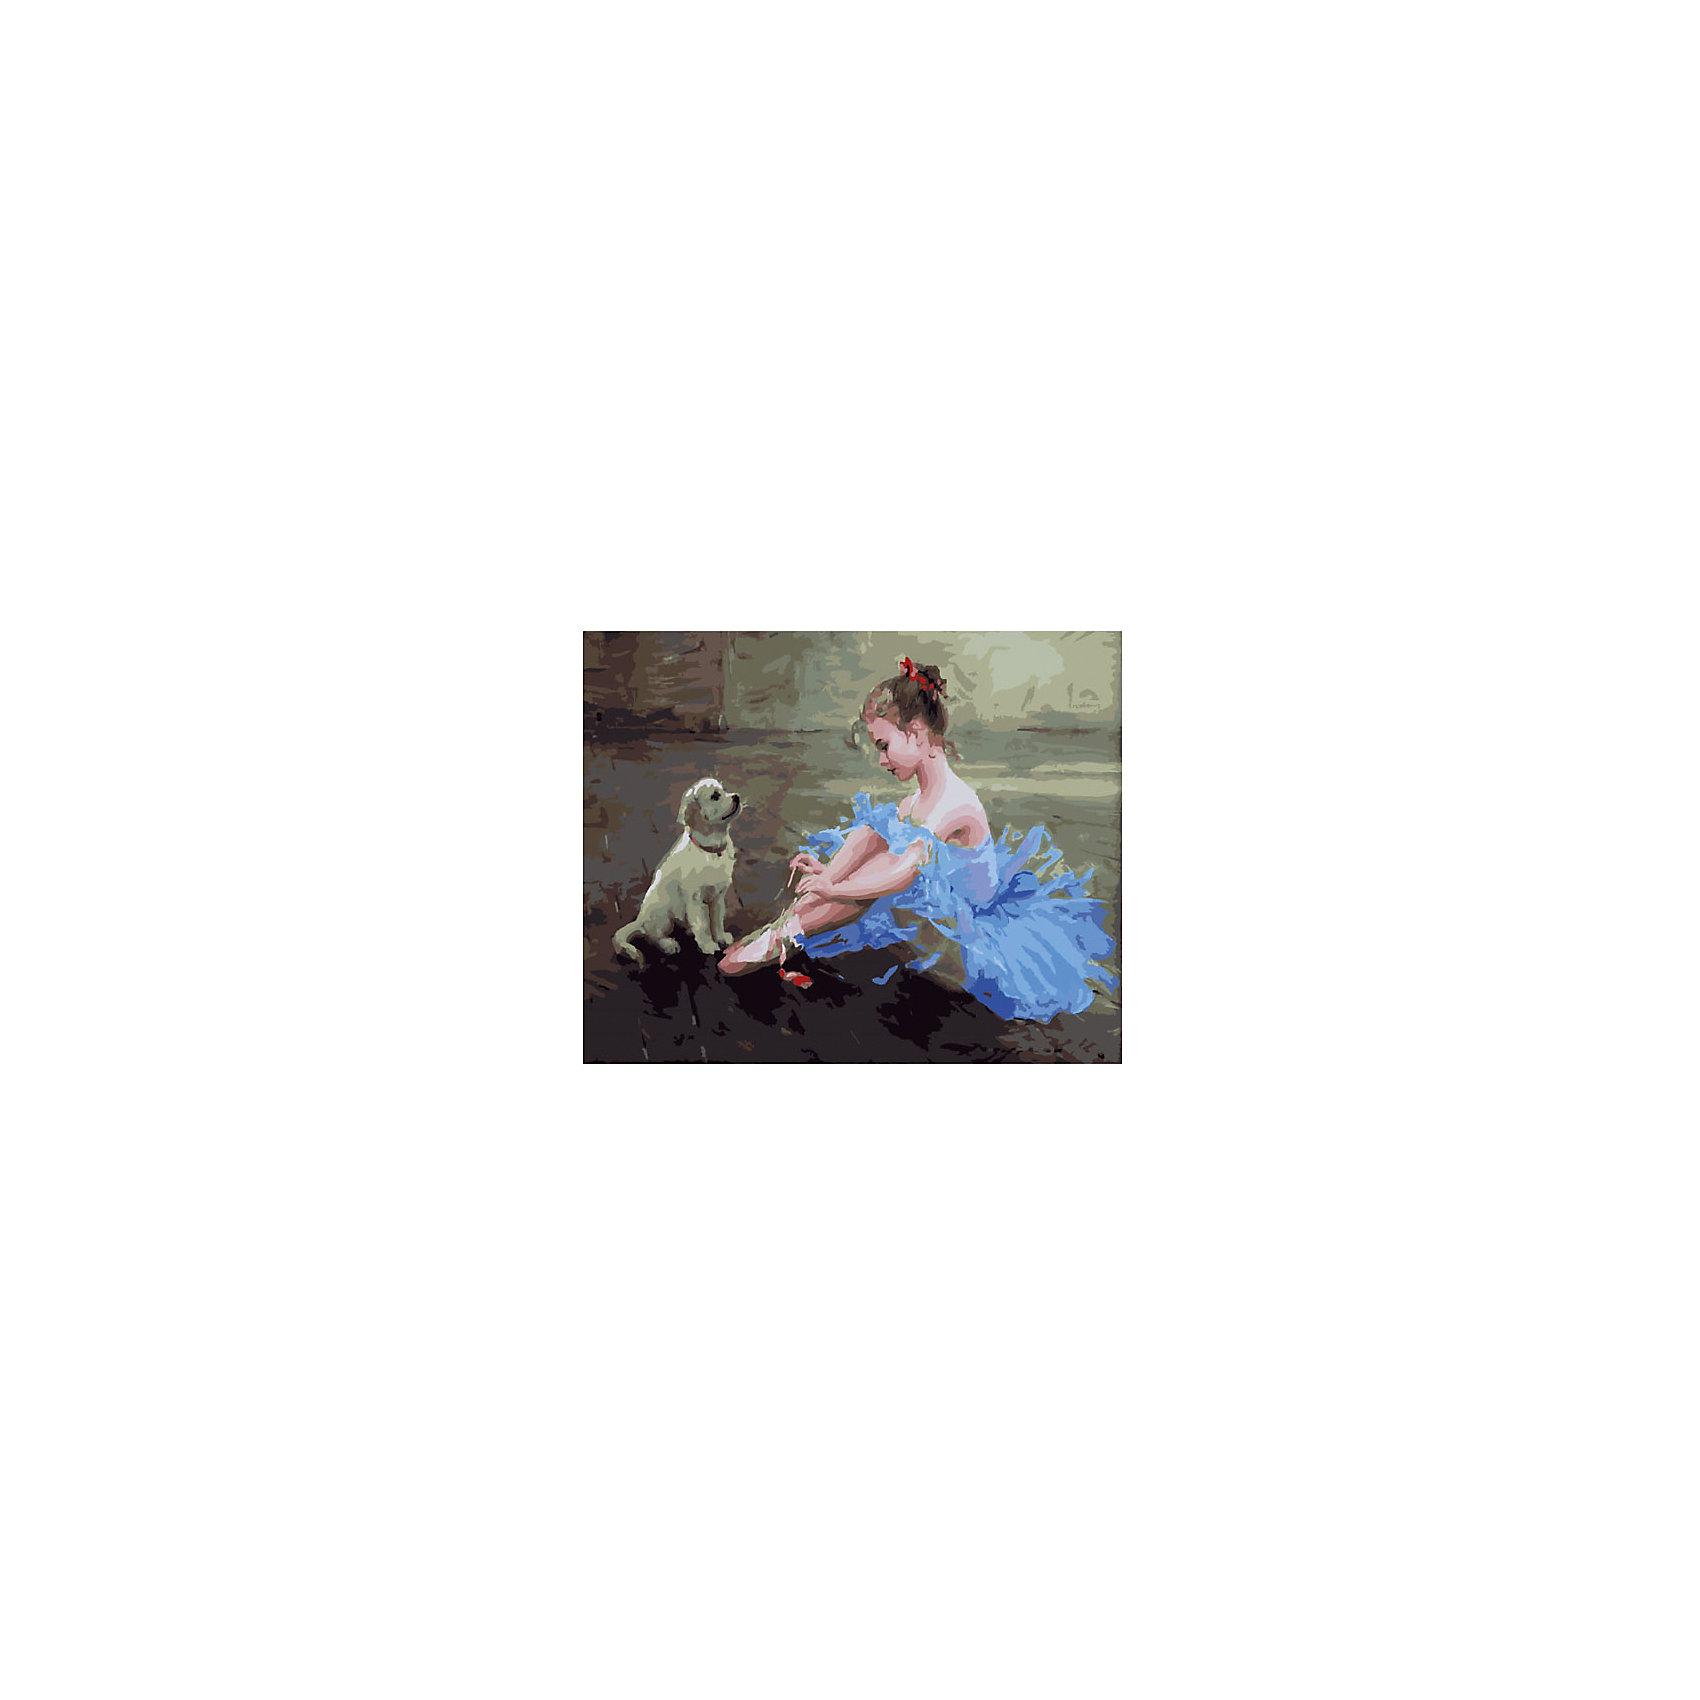 Картина по номерам К. Разумов: Маленькая балерина, 40*50 смКартины с раскраской по номерам размером 40*50. На деревянном подрамнике, с прогрунтованным холстом и  нанесенными контурами картины, с указанием цвета закраски, акриловыми красками, 3 кисточками и креплением на стену. Уровень сложности, количество красок указаны на коробке.<br><br>Ширина мм: 500<br>Глубина мм: 400<br>Высота мм: 40<br>Вес г: 730<br>Возраст от месяцев: 108<br>Возраст до месяцев: 2147483647<br>Пол: Унисекс<br>Возраст: Детский<br>SKU: 5417703